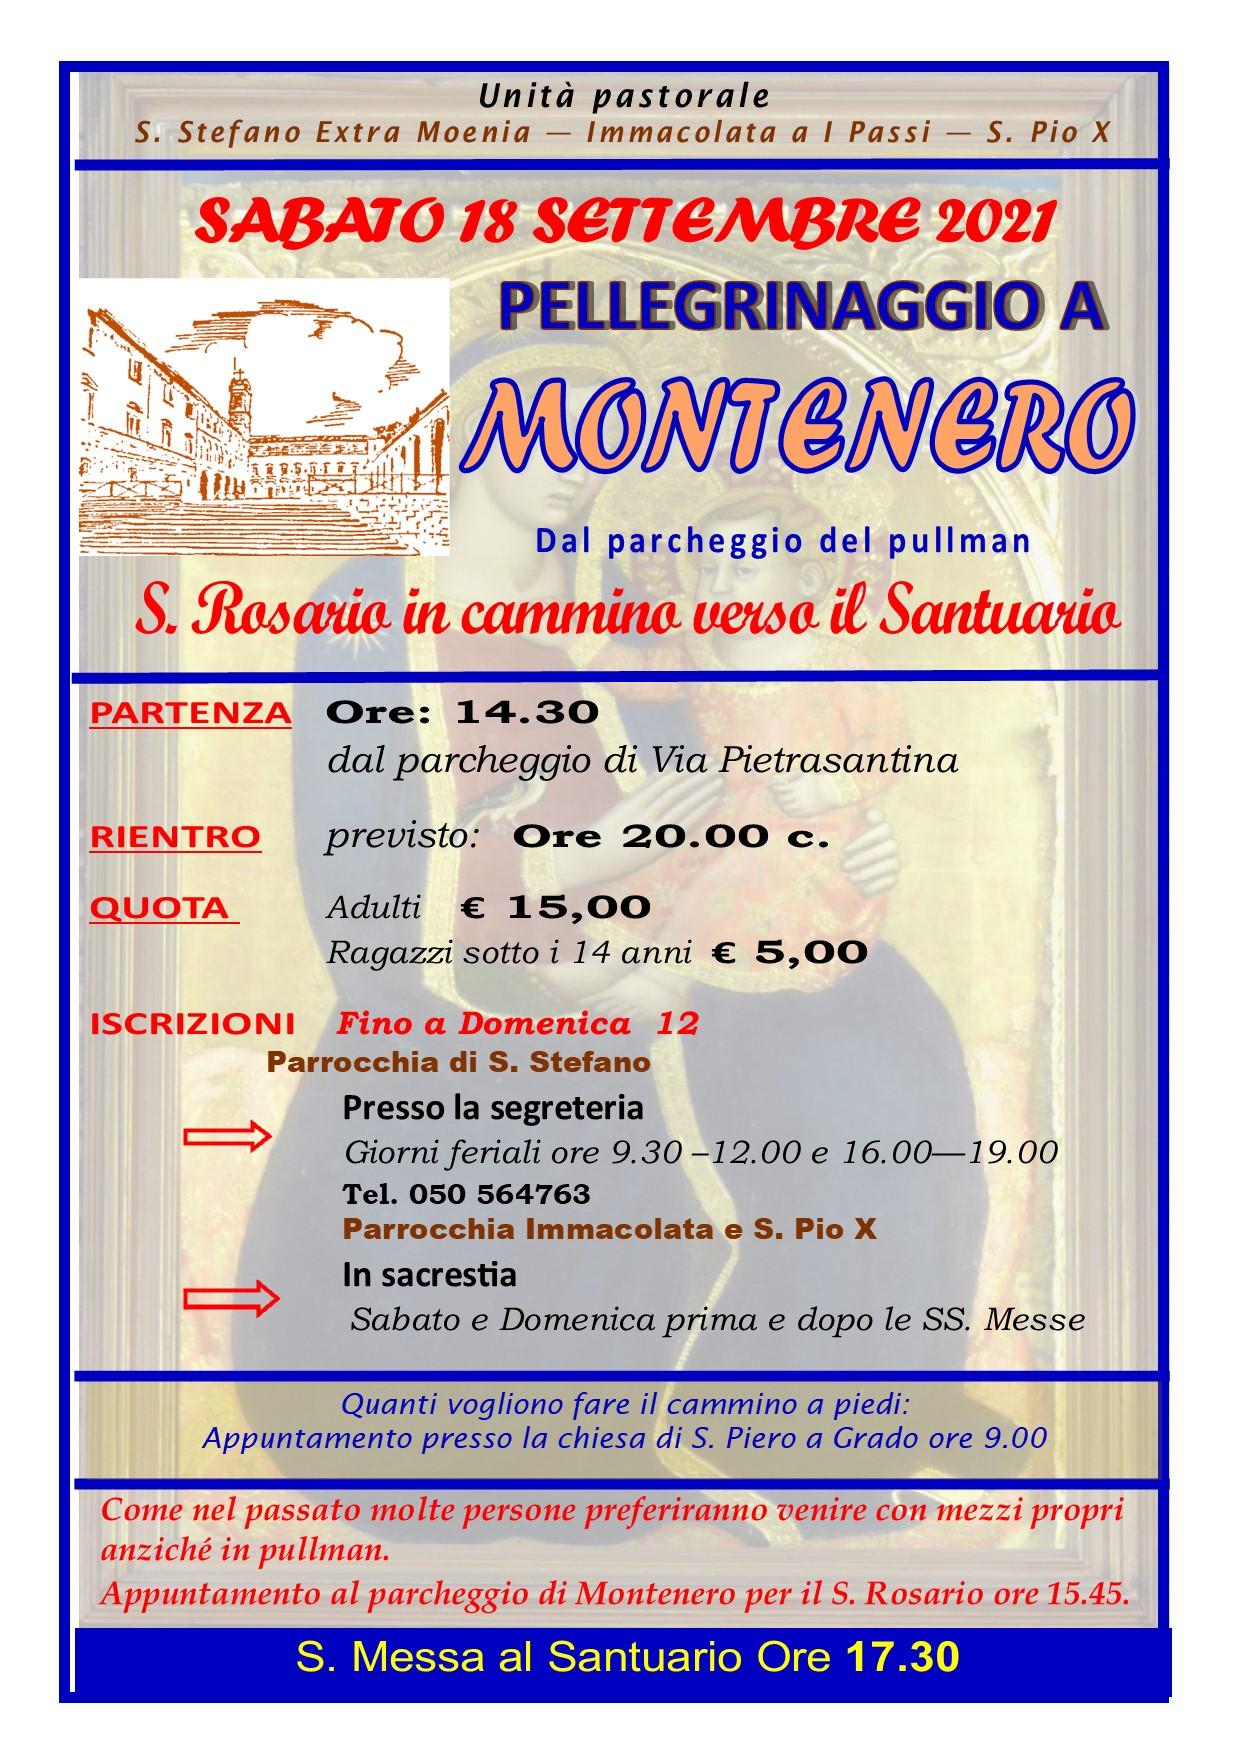 Pellegrinaggio a Montenero 2021